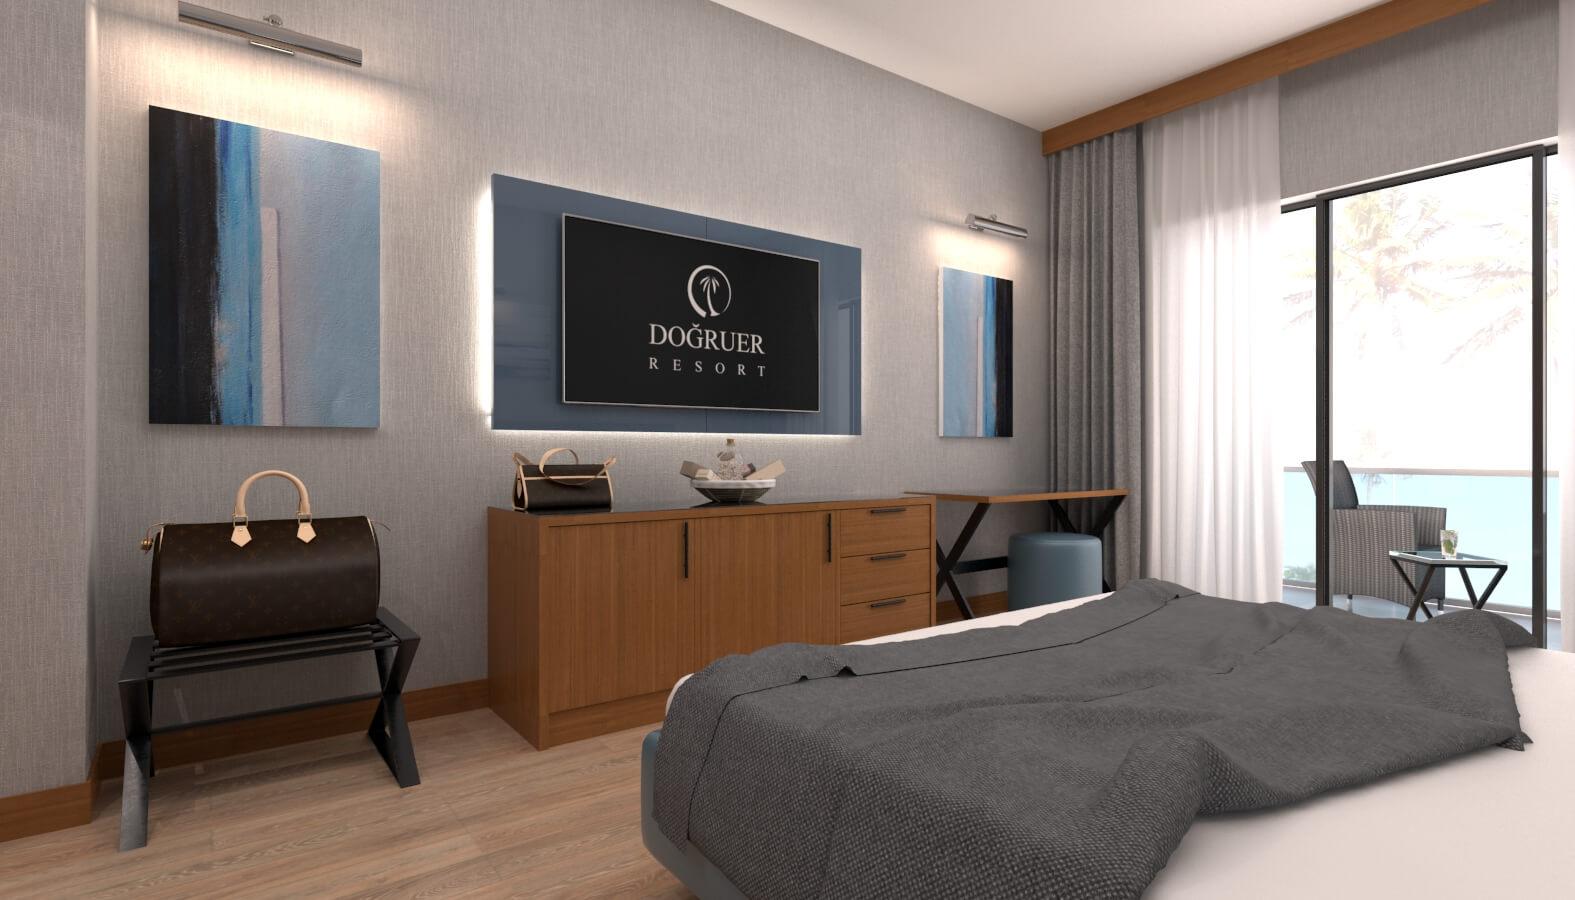 otel odası tasarımı 3606 Doğruer hotel Oteller